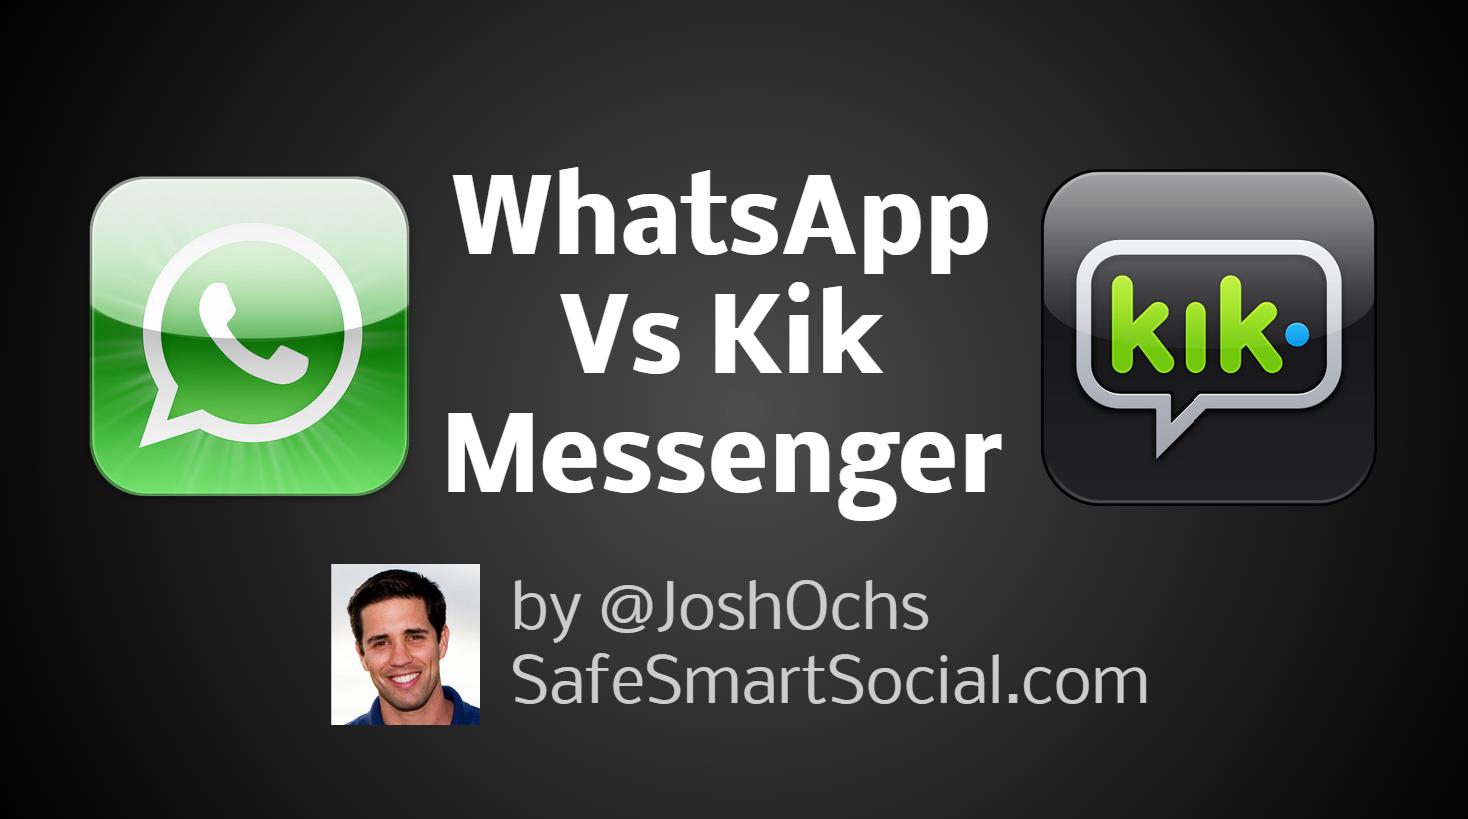 WhatsApp vs Kik Messenger